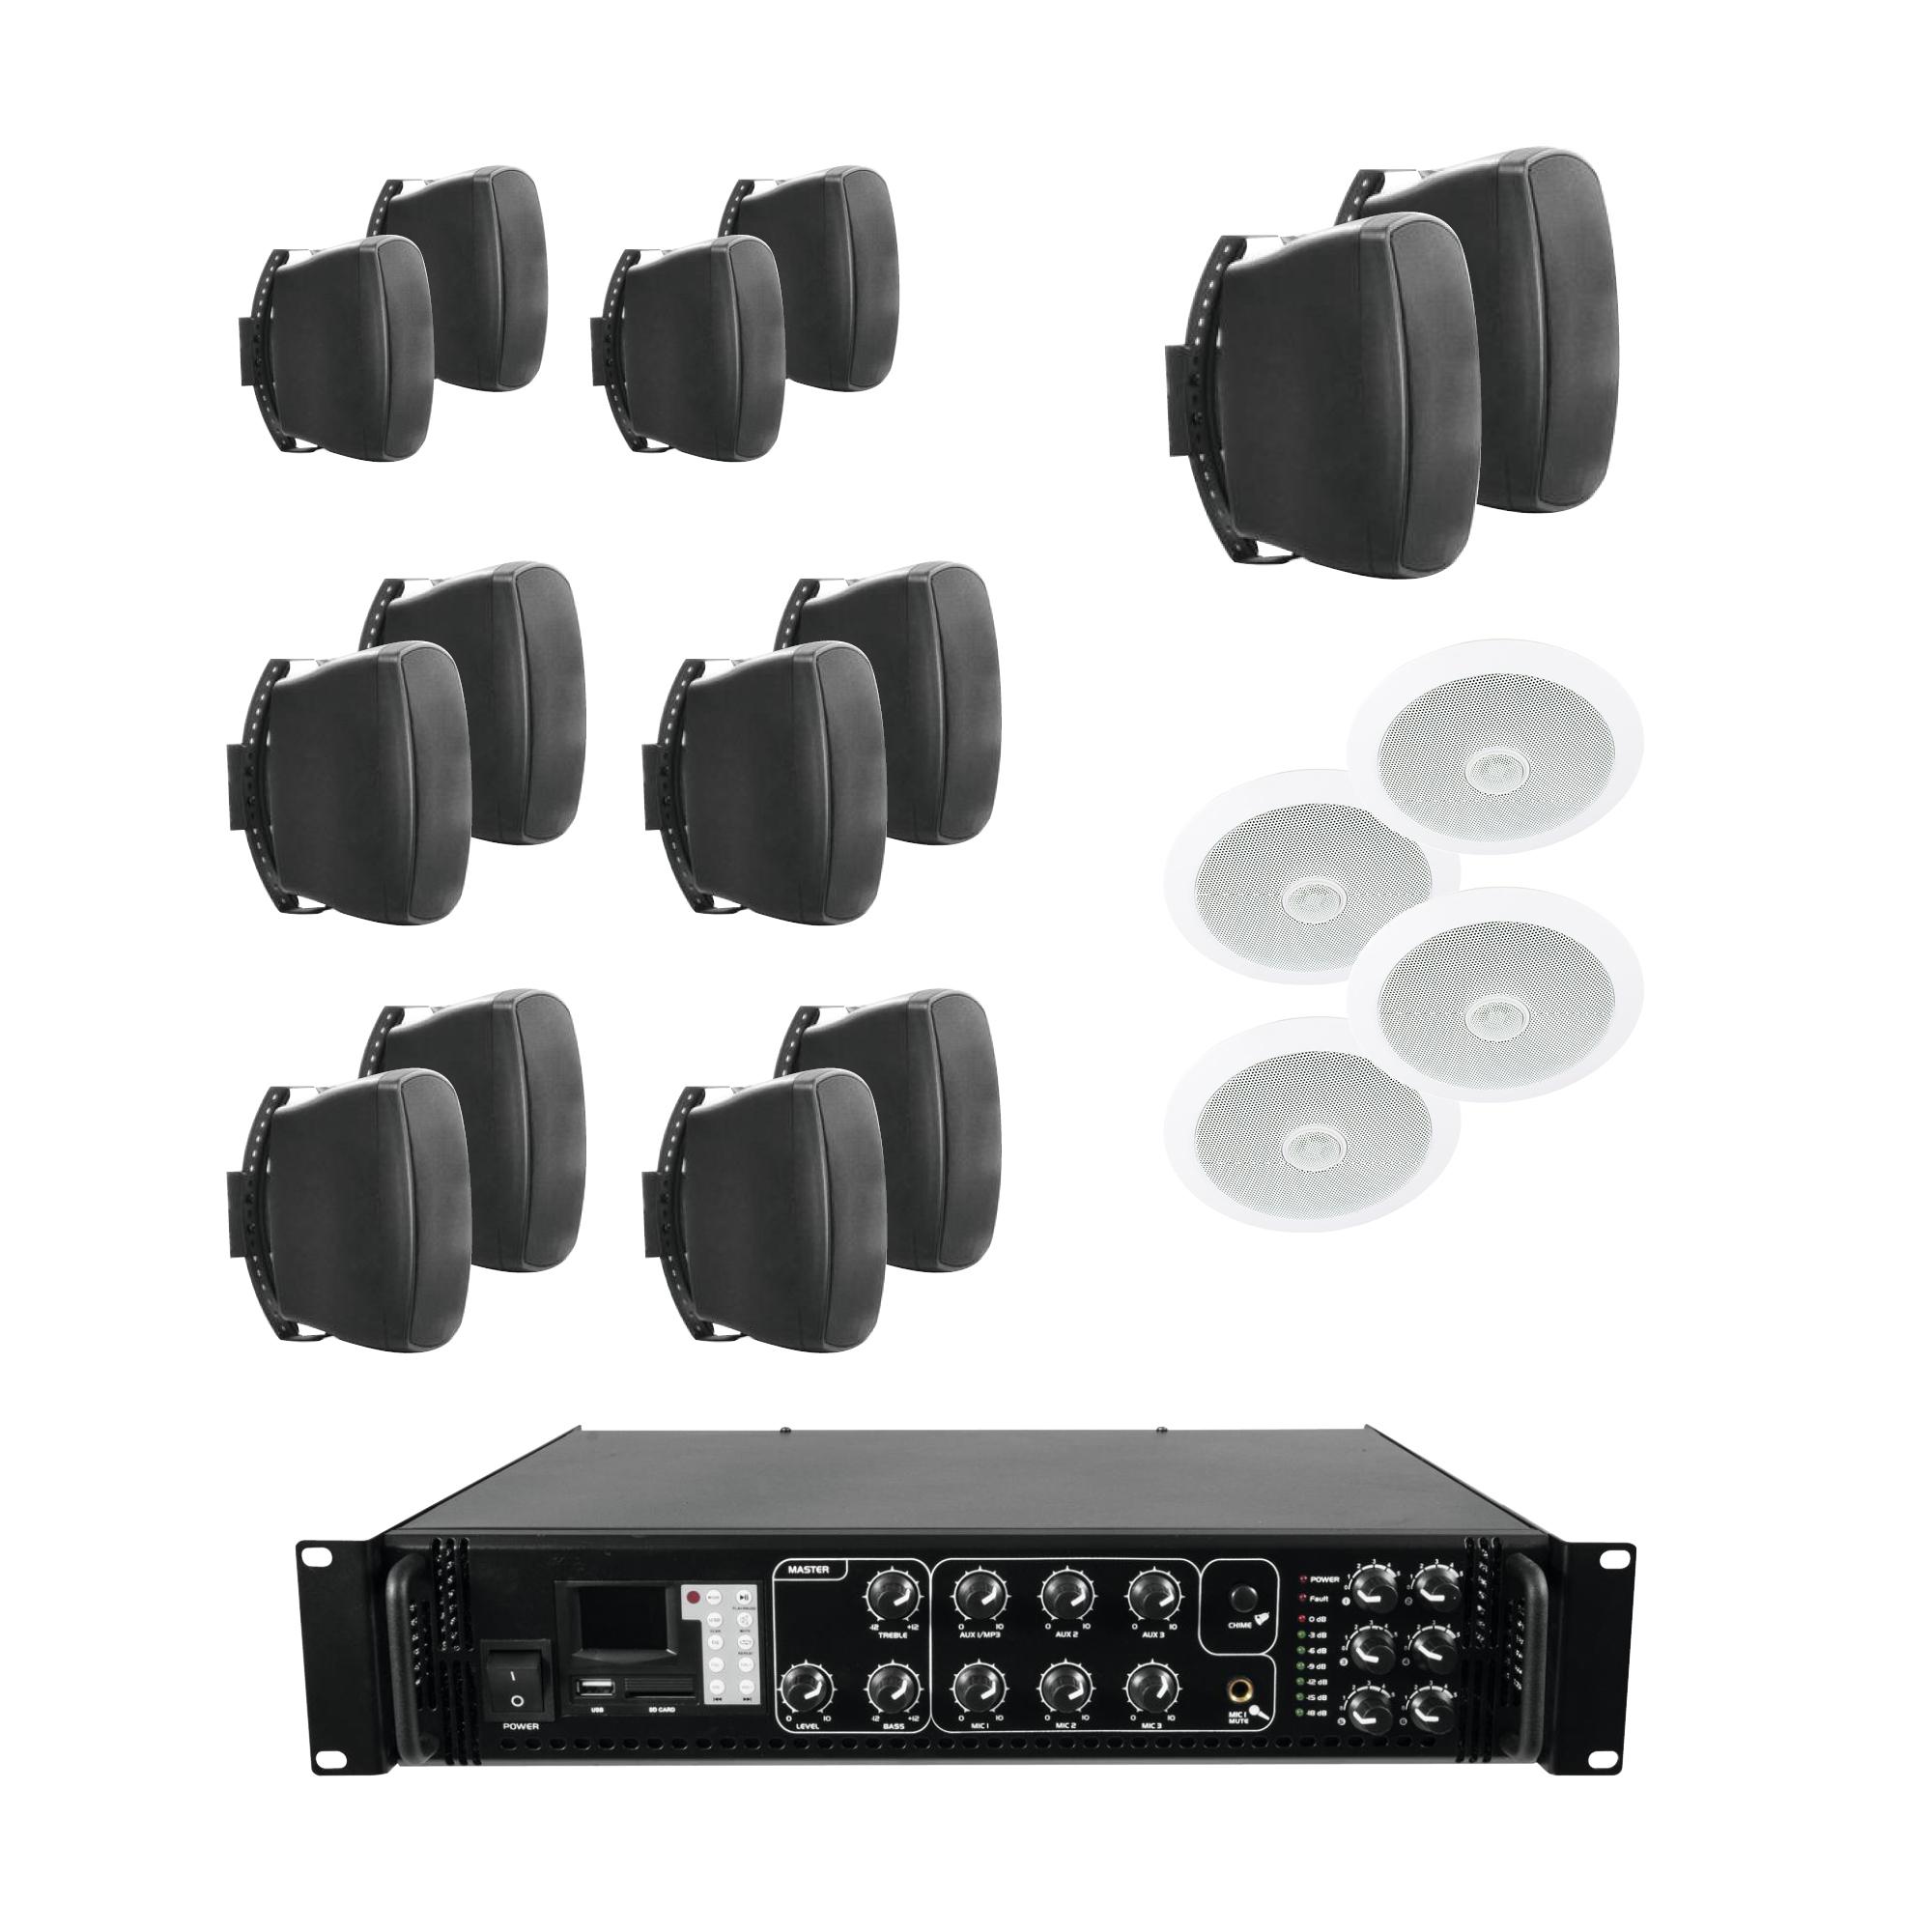 100V mixážní 6-zónový zesilovač MP3 s 18 reproduktory BK